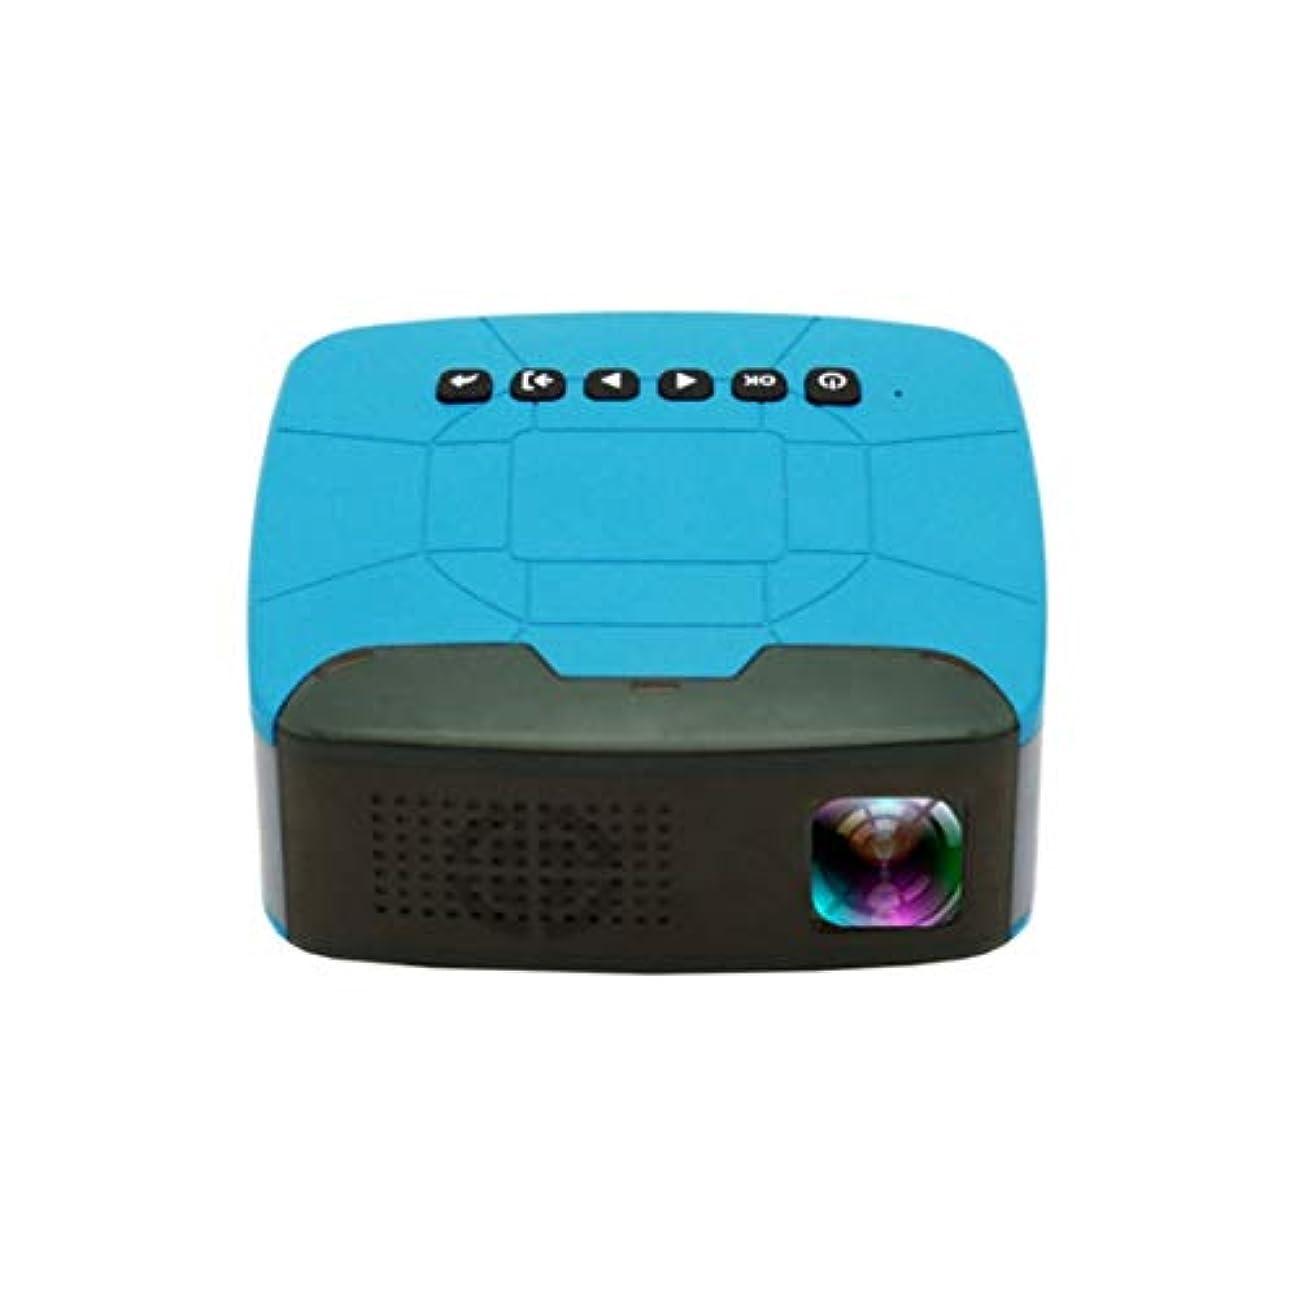 情熱的統治する僕のU20 LCDフルHD 1080Pプロジェクター500LMsミニホームシアター映画プロジェクターミニシアターAVイヤホンLED TF HD LCDホームシネマ-ブルー